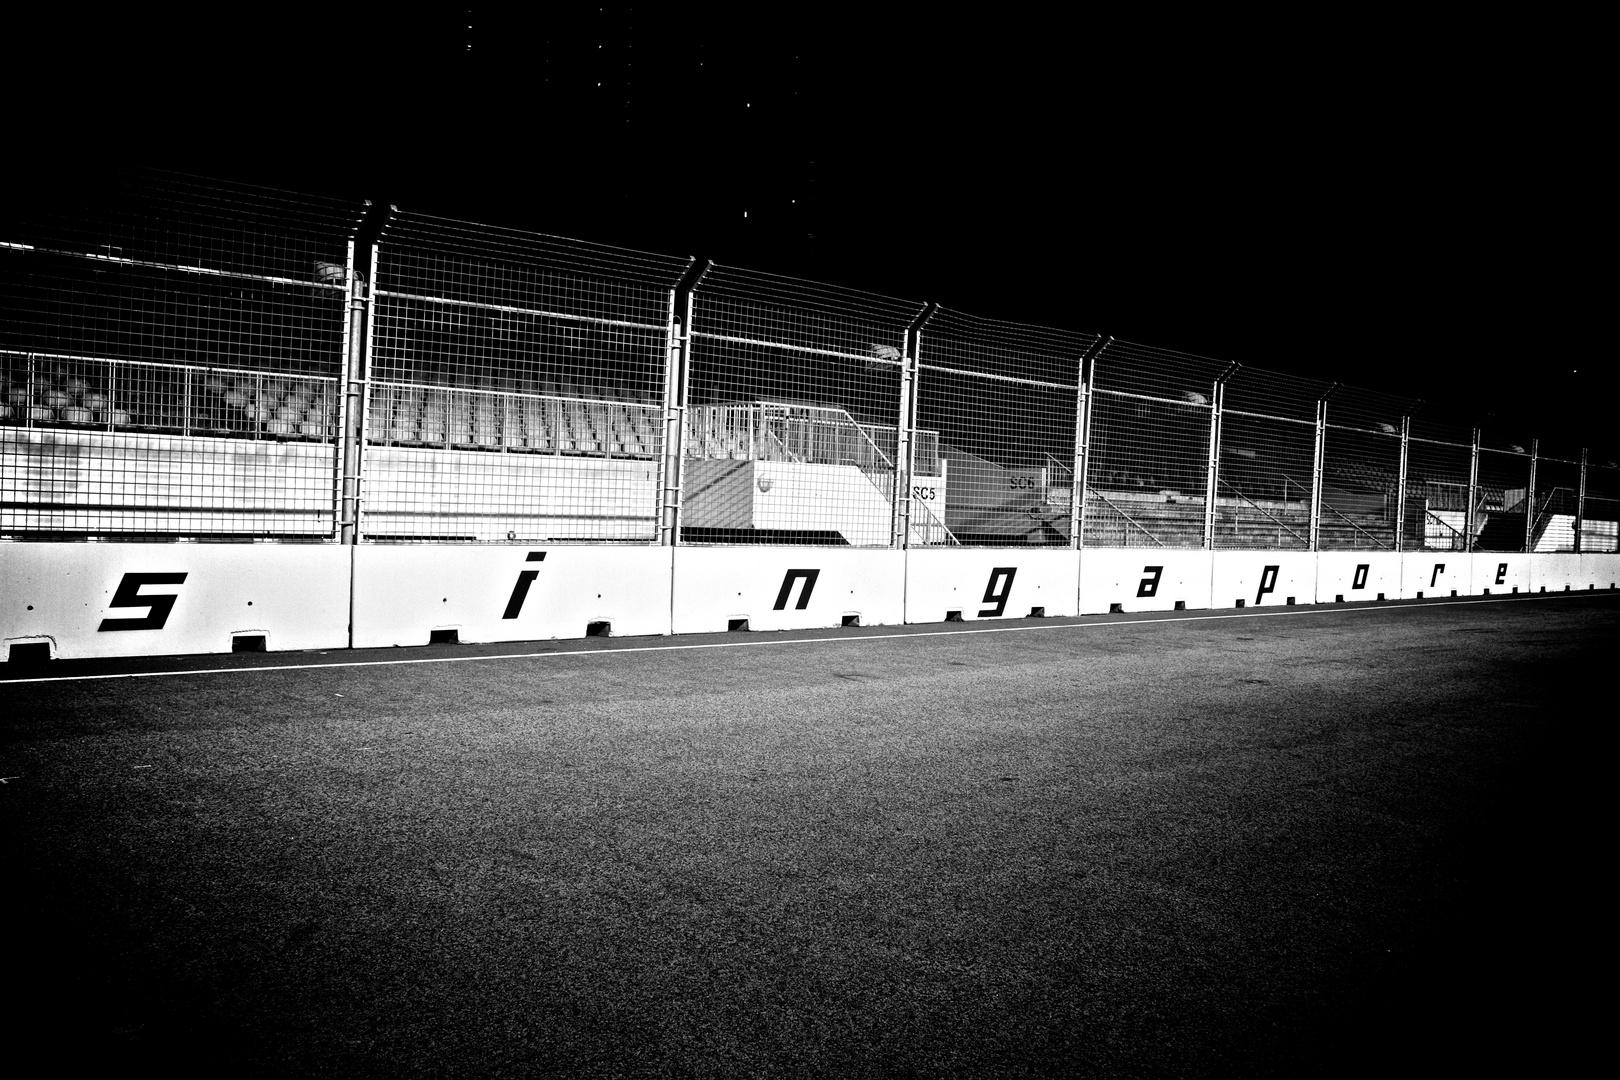 Die Ruhe vor dem Sturm - Formel 1 in Singapur